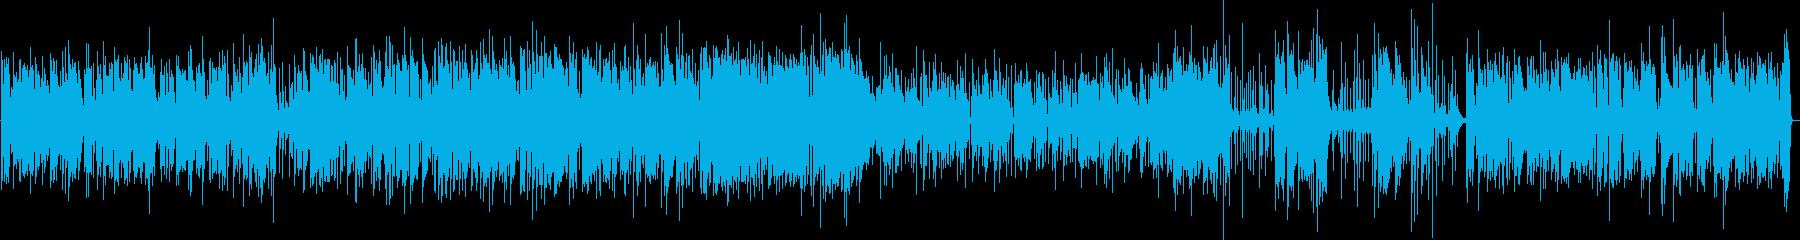 大人な雰囲気のブルースピアノの再生済みの波形